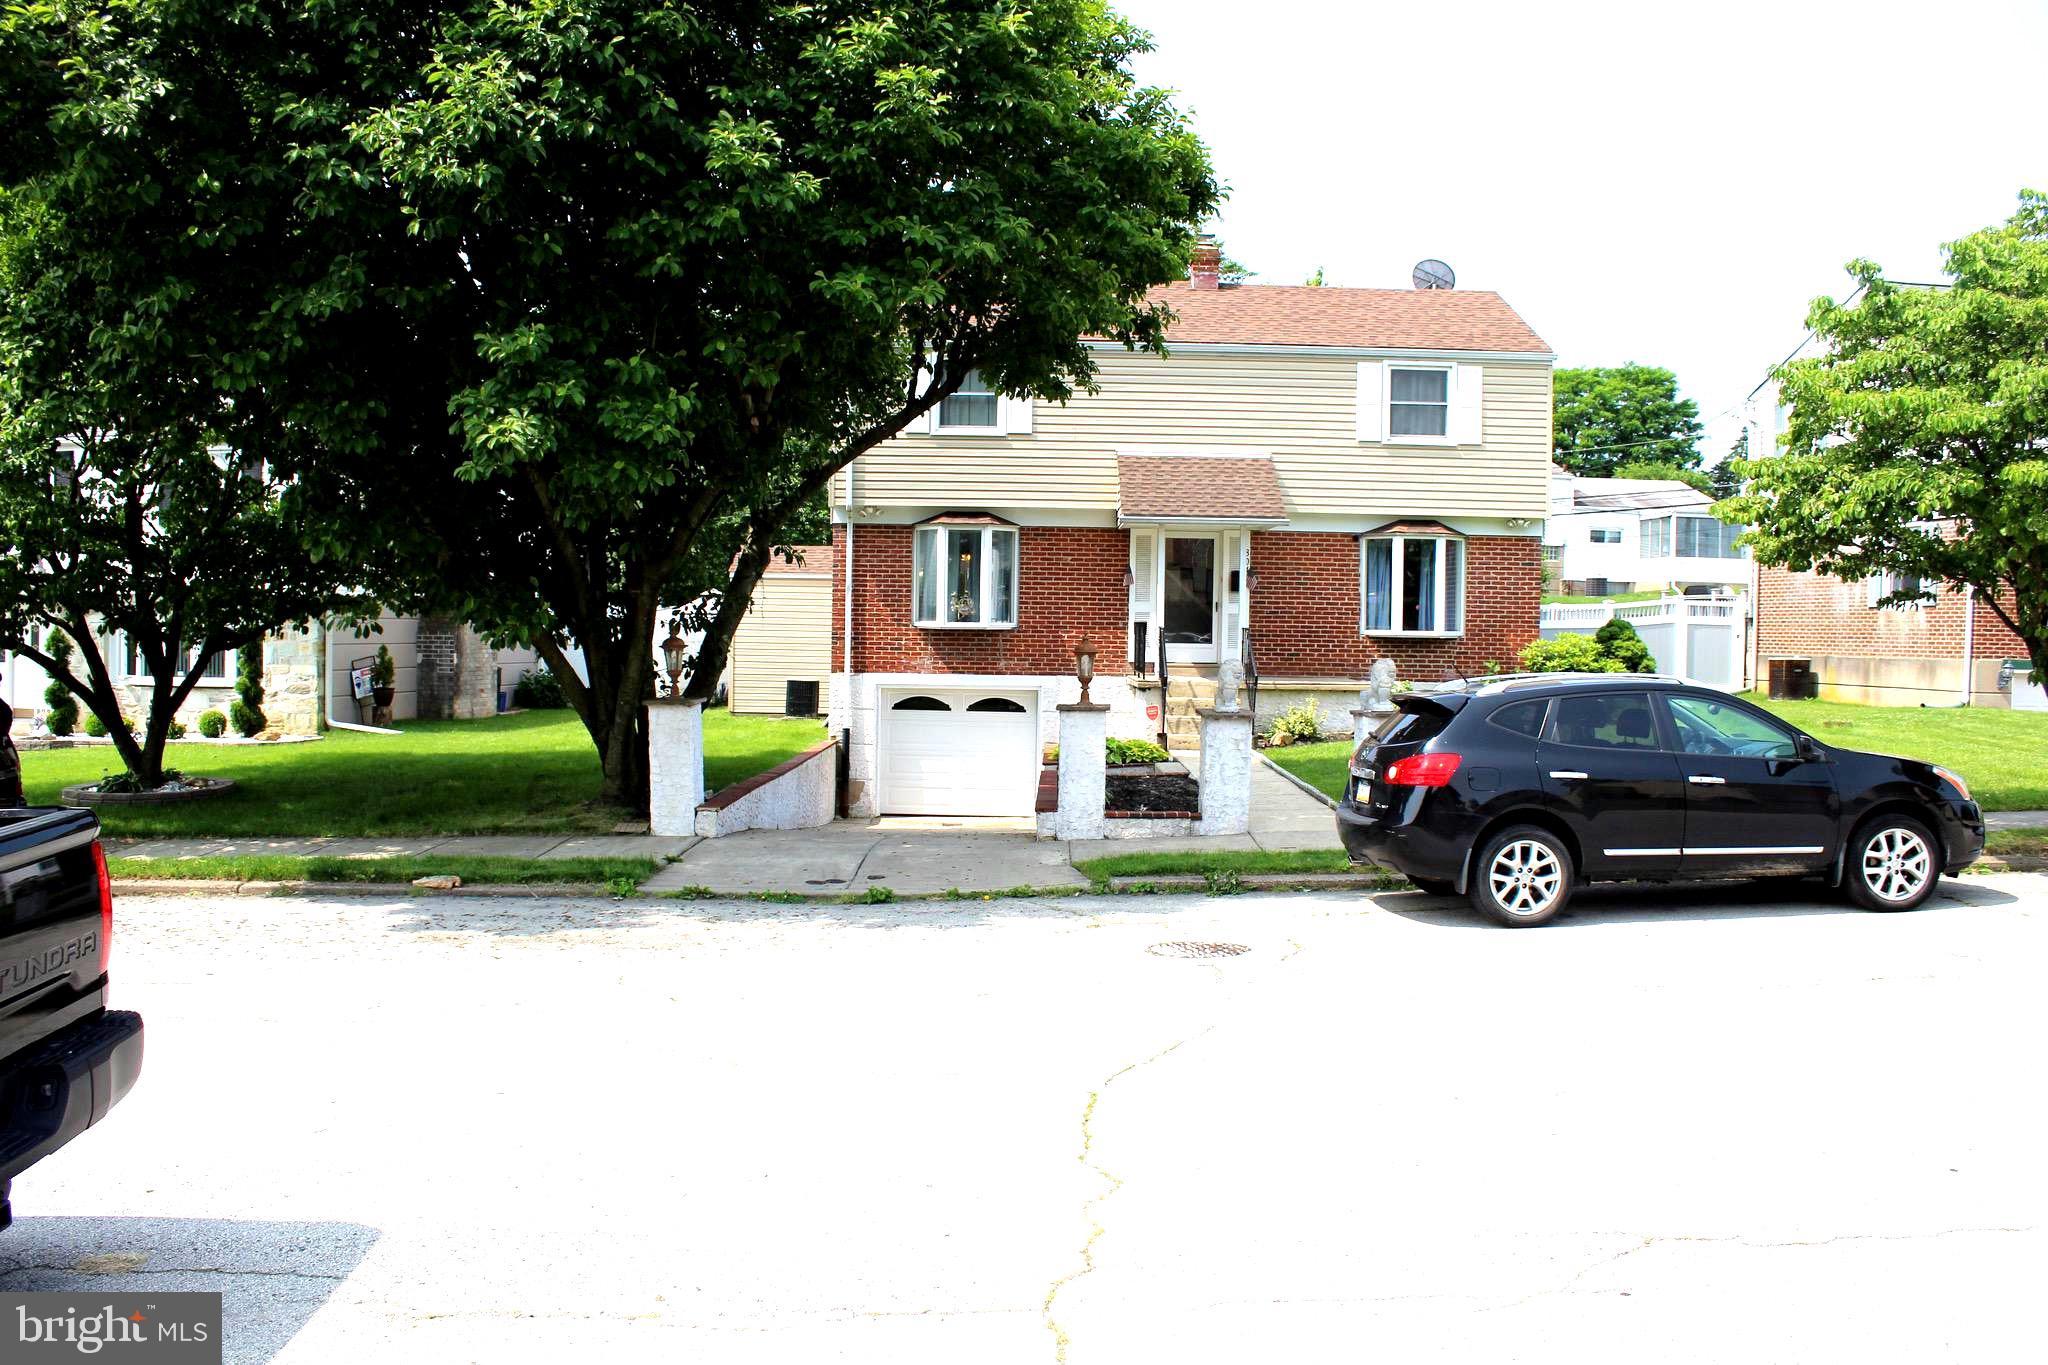 804 LARKSPUR STREET, PHILADELPHIA, PA 19116